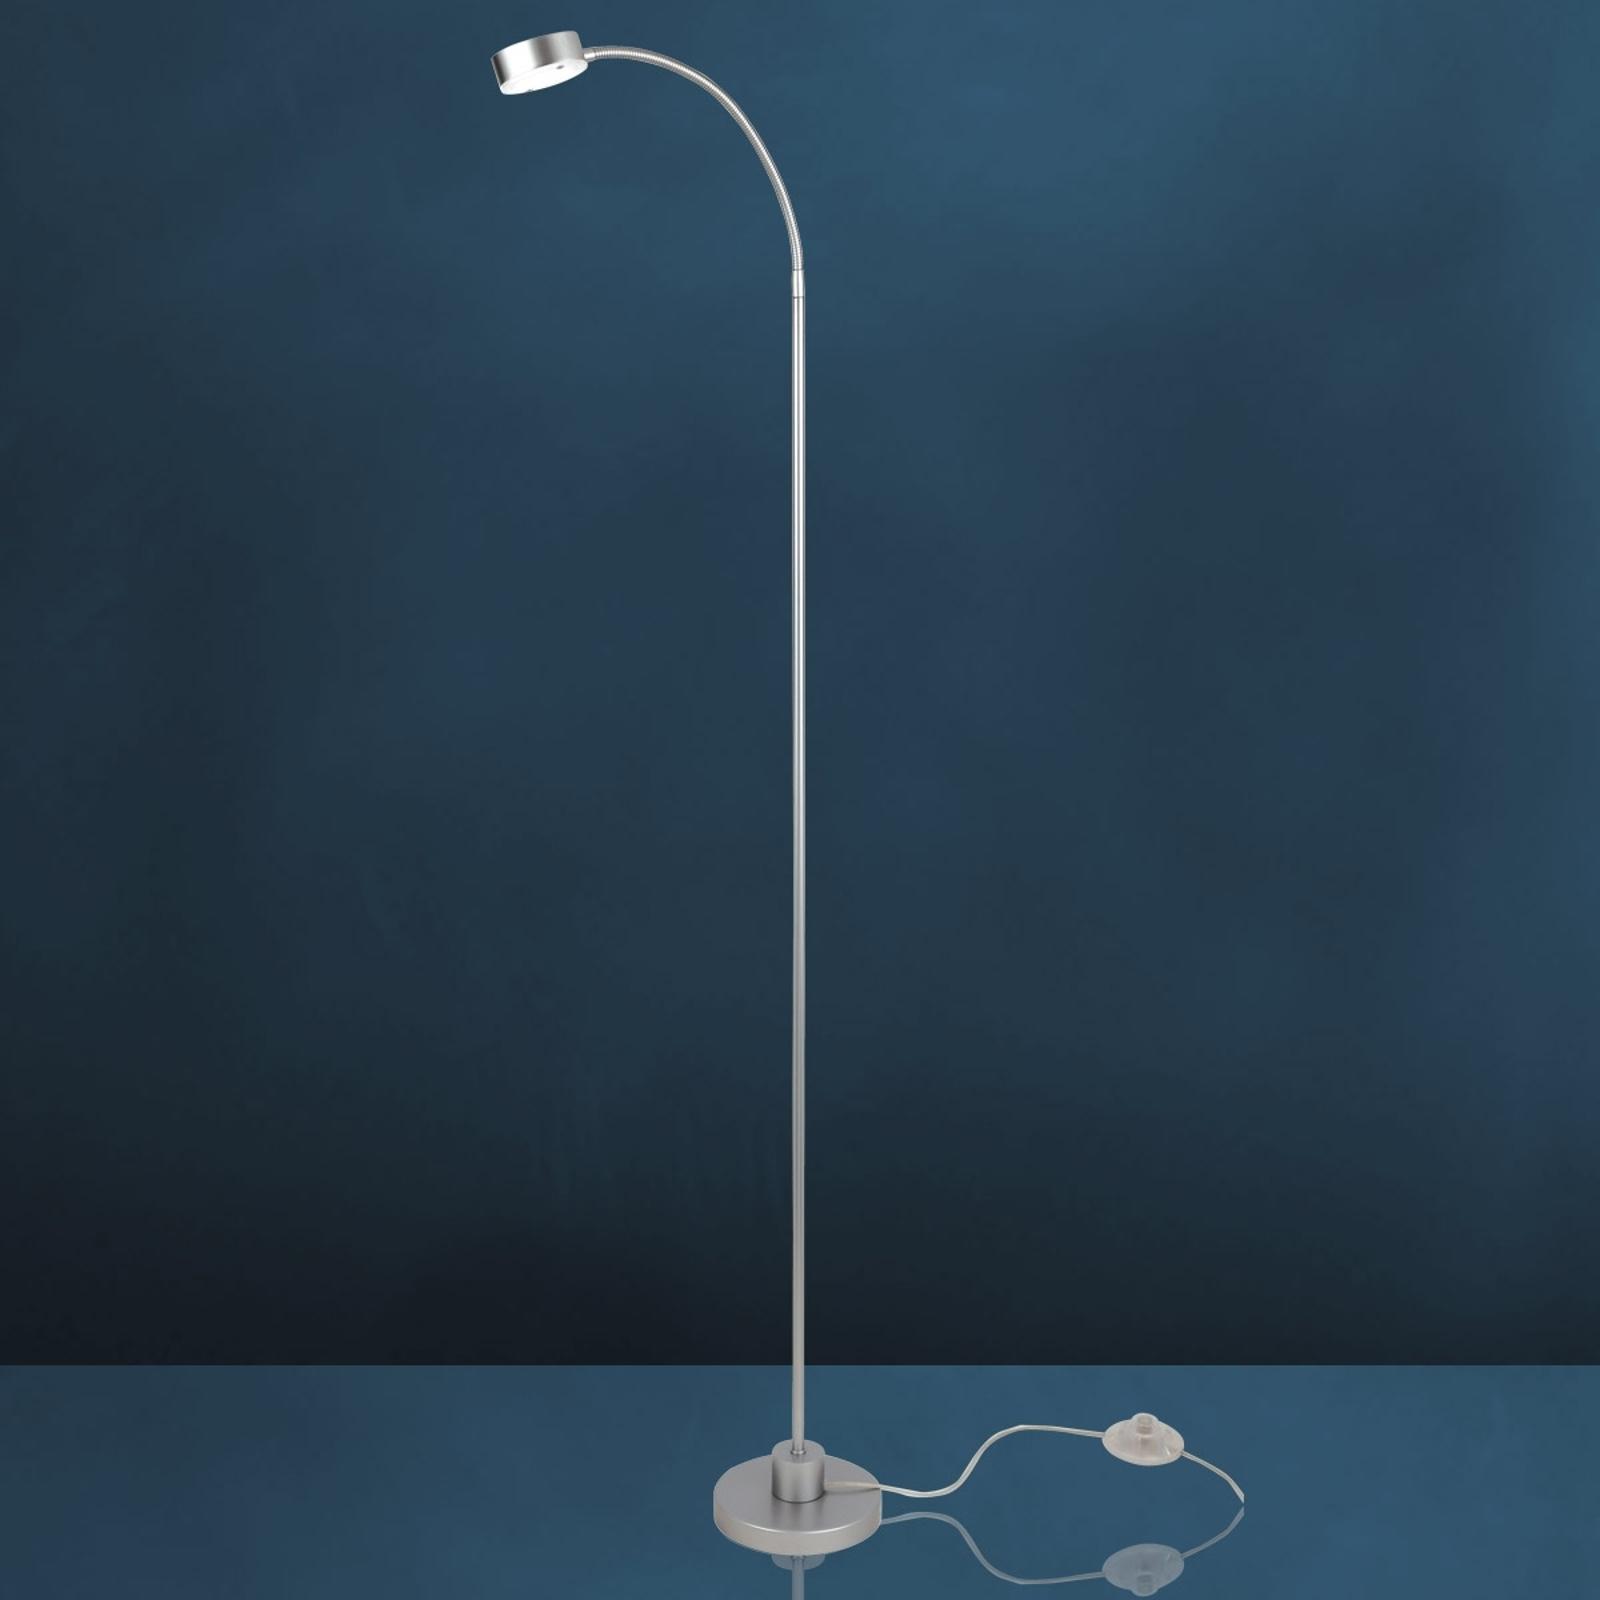 Flessibile lampada LED da terra SATURN, 1 luce